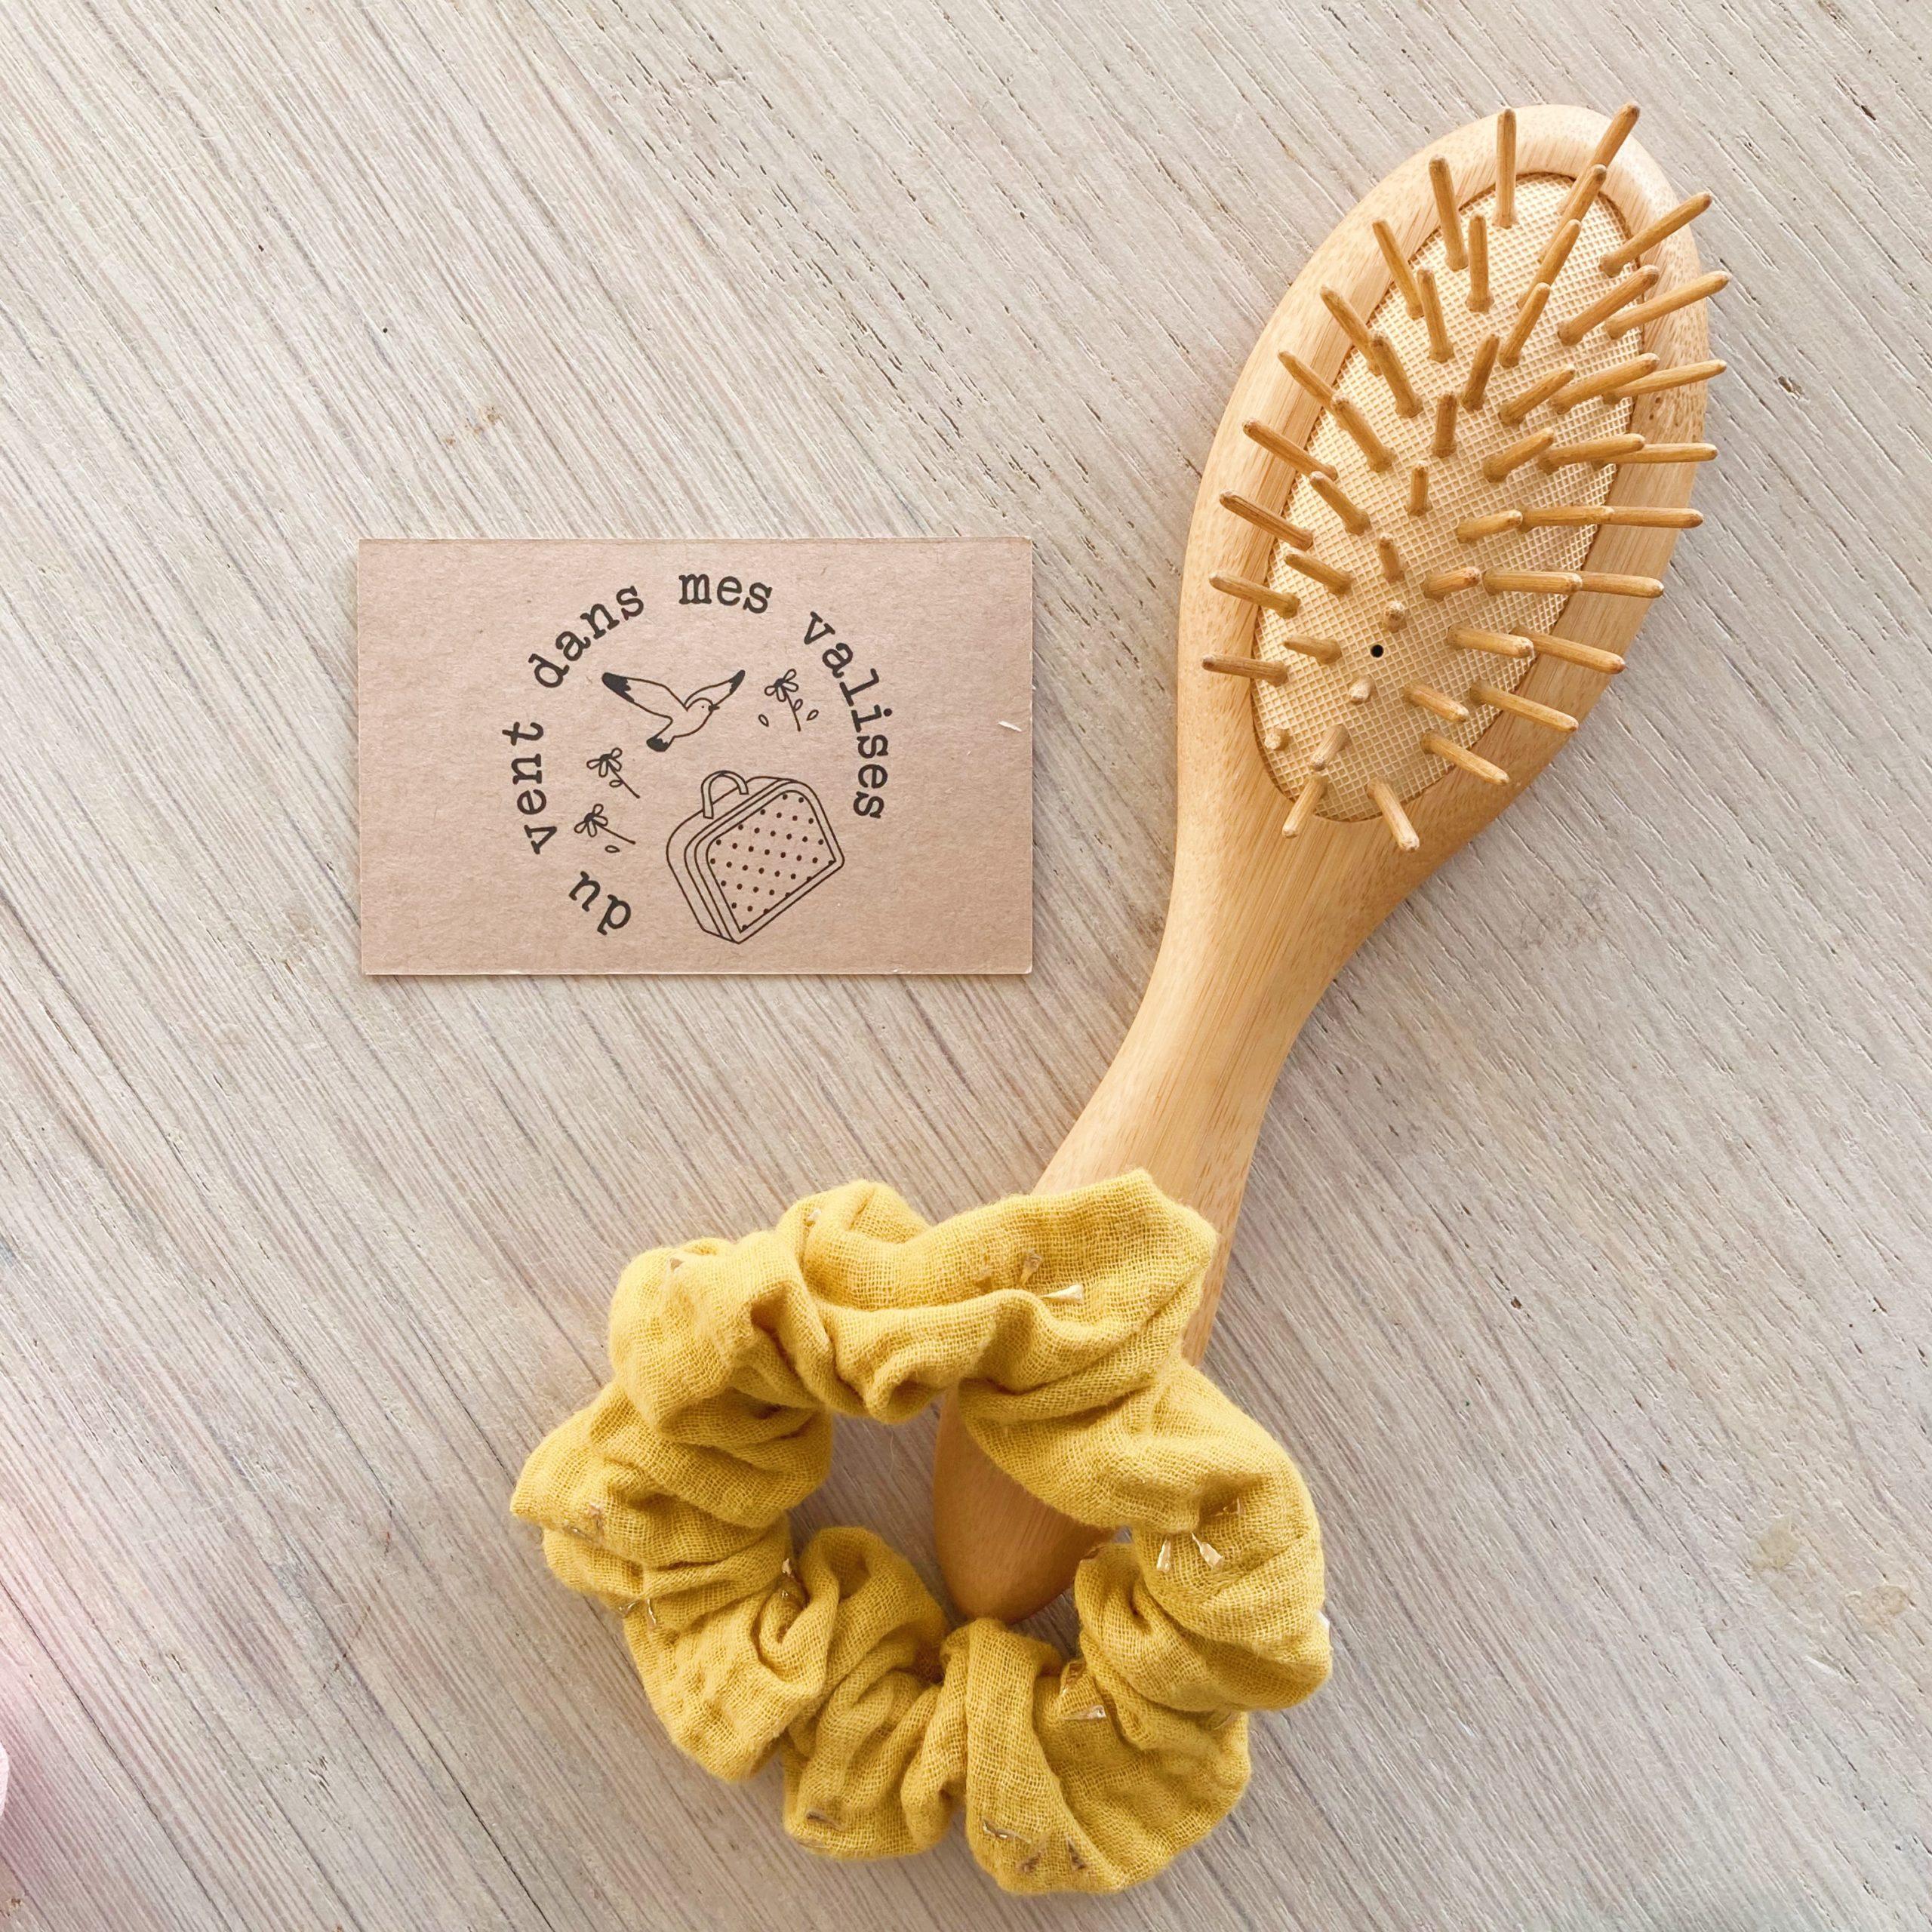 chouchou chic jaune or fabrication artisanale française - du vent dans mes valises